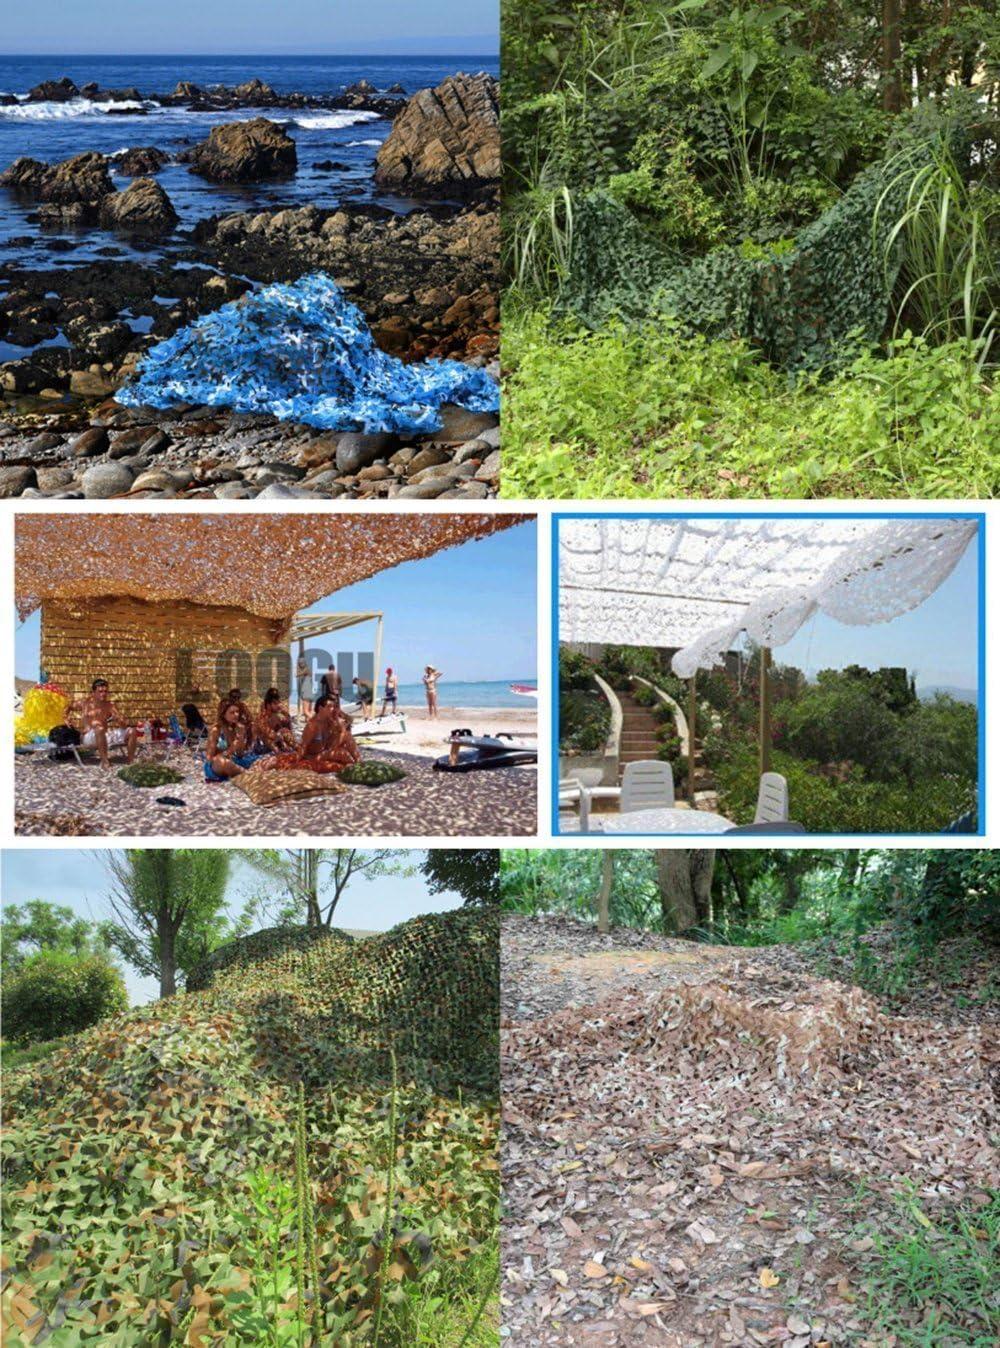 MILASIA Camouflage Net Camouflage Camoet Woodland Camo Camo per Paesaggio forestale Esercito di Caccia ignifugo Esterno